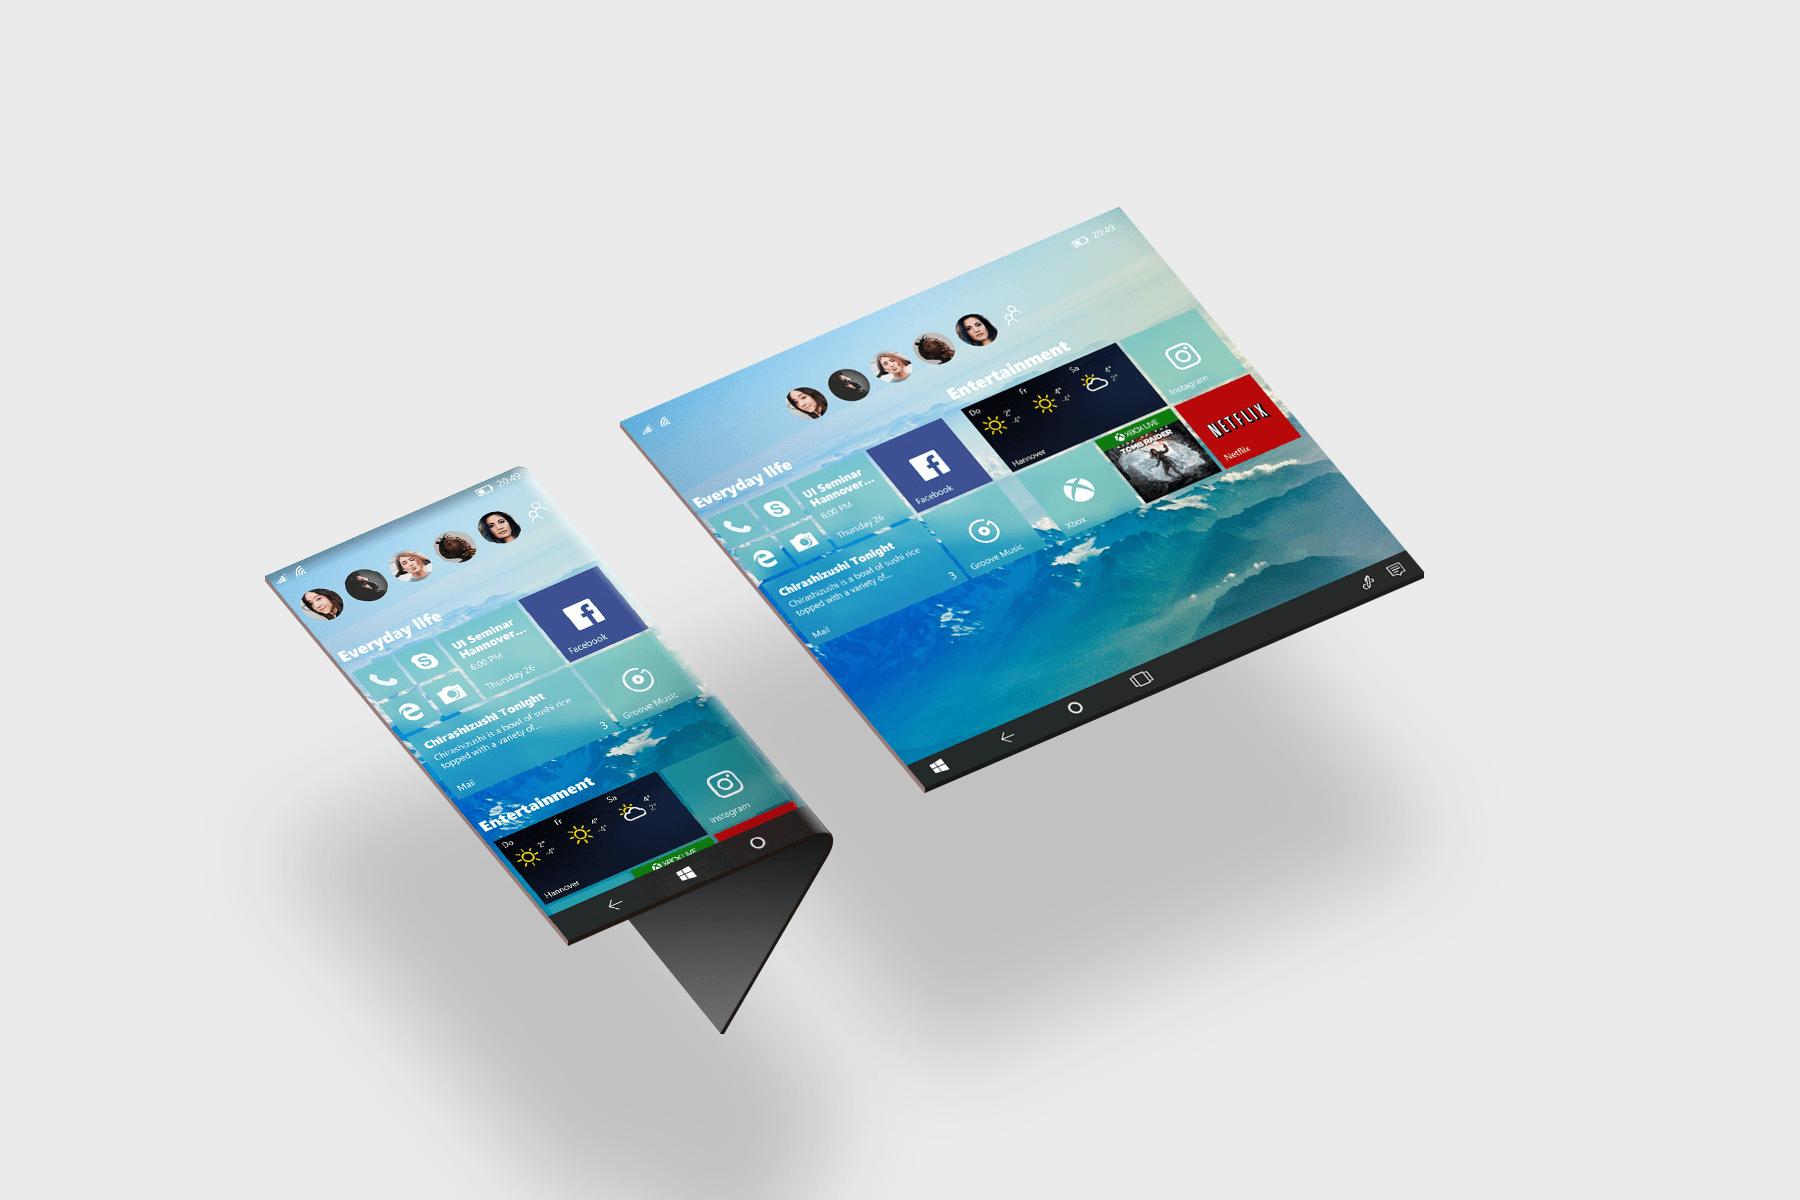 Une version Windows pour les appareils pliables ? Microsoft travaillerait déjà dessus